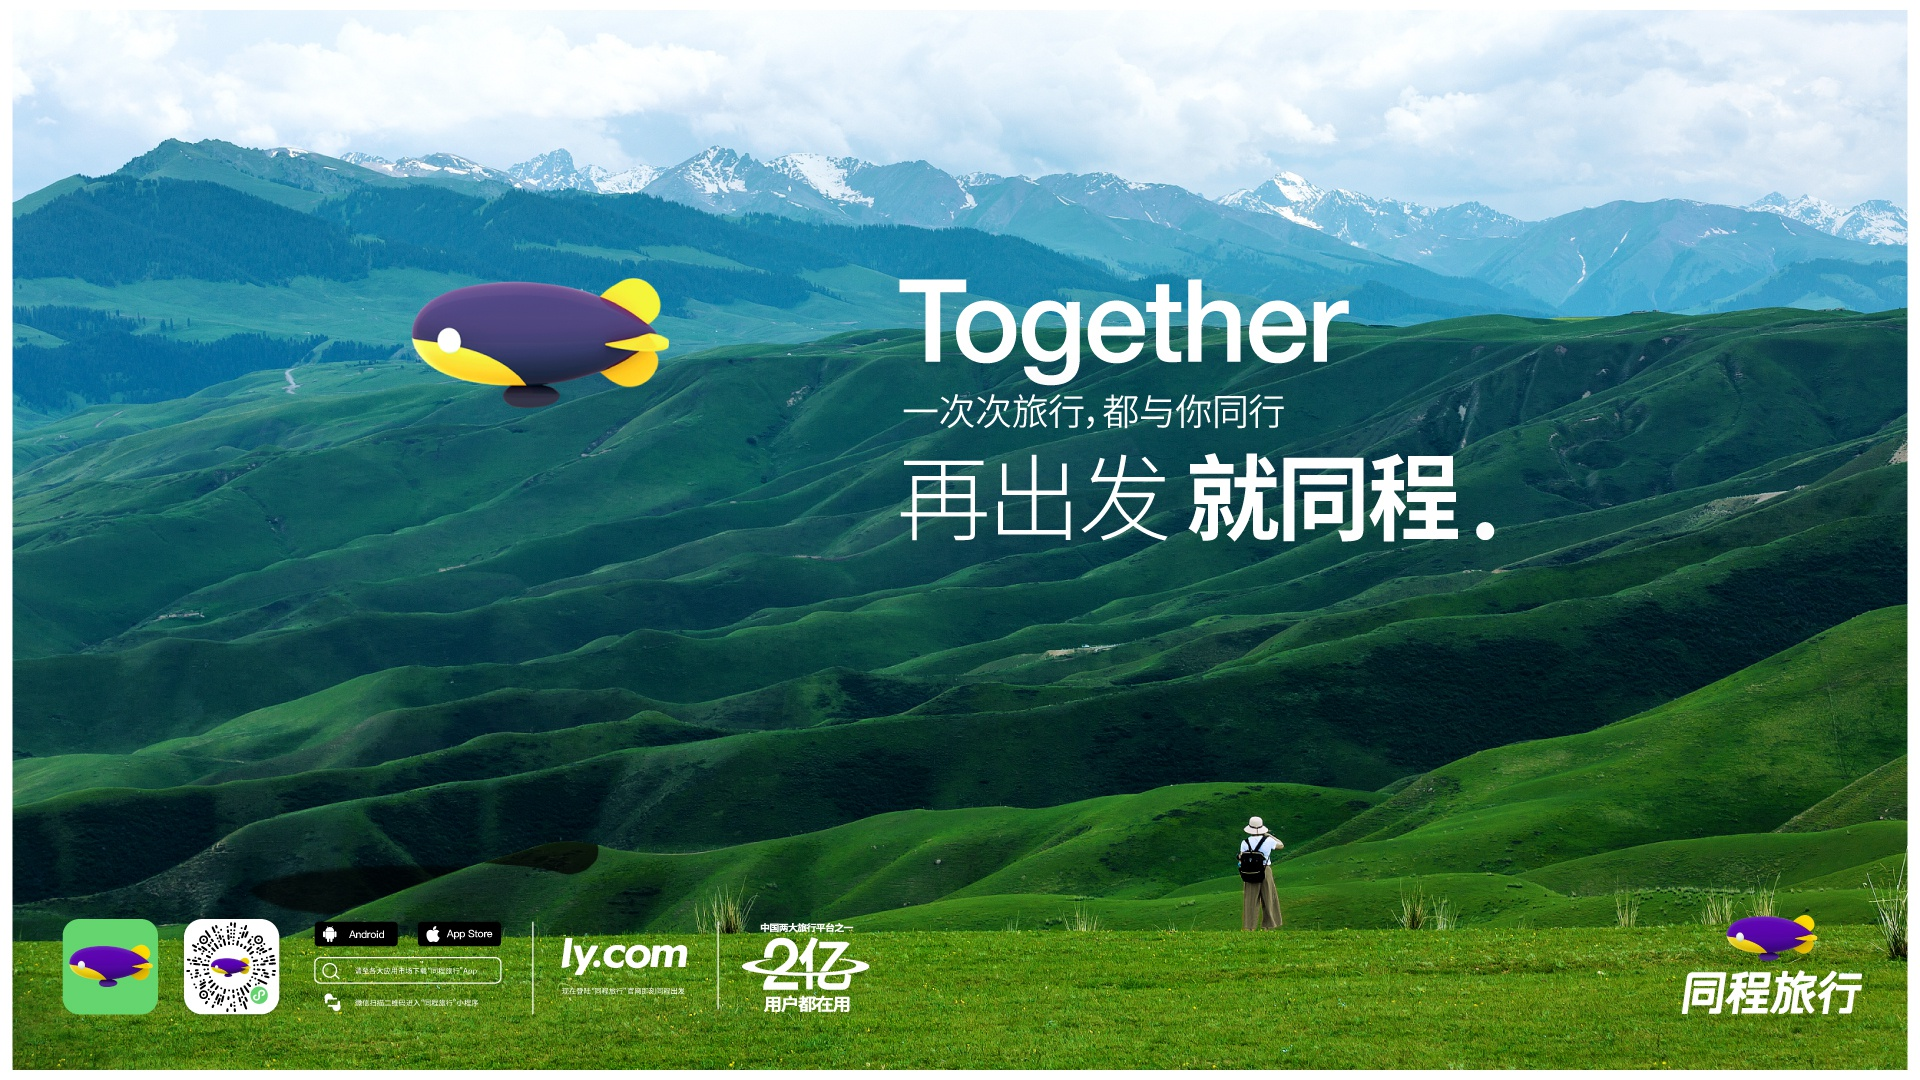 艺龙升级品牌摩天测速更名为同程旅,摩天测速图片